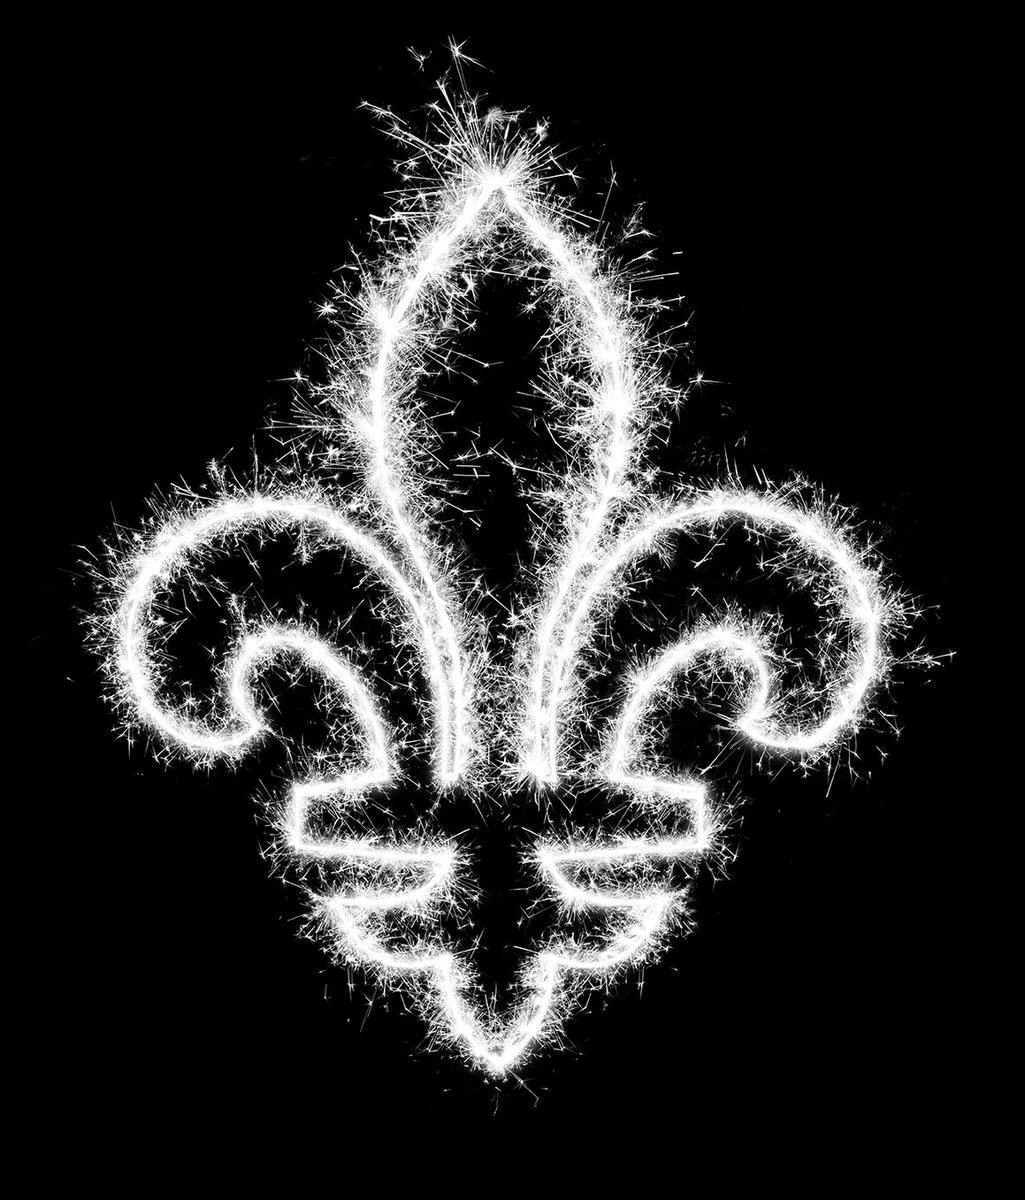 Mon amour,,, Bonne fête Québec !:-)   #FêteNationale #SaintJeanBaptiste https://t.co/Nq9M3raAUR